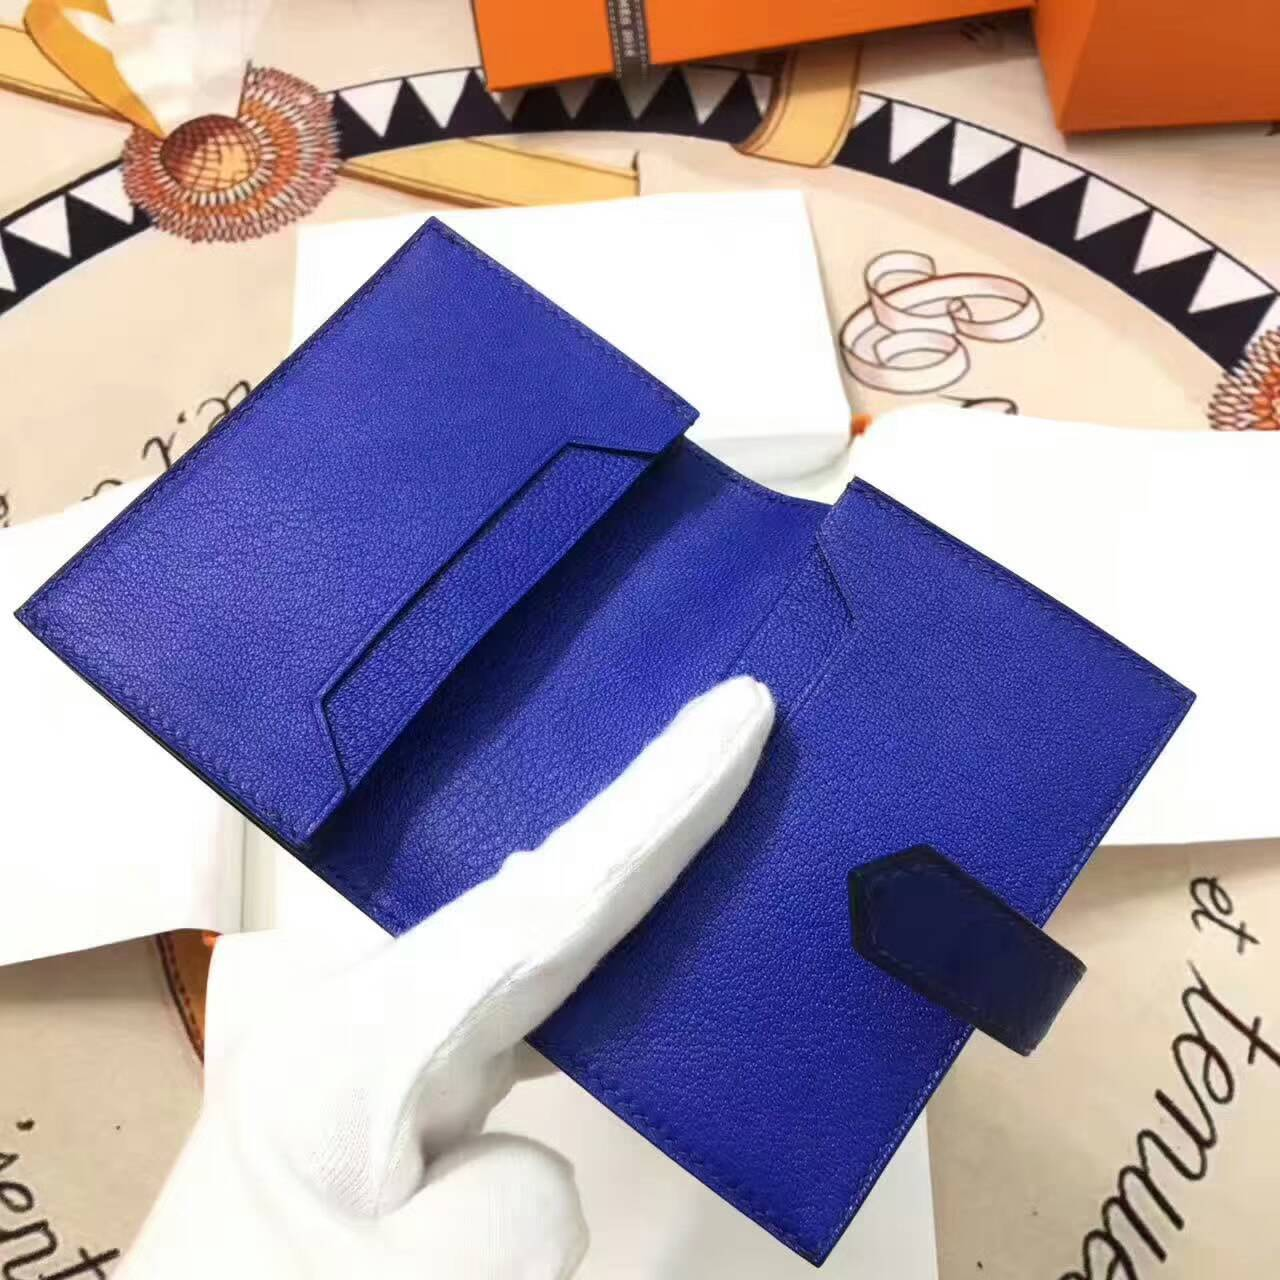 爱马仕卡包 鸵鸟皮 电光蓝 金扣 手工蜡线 时尚又实用